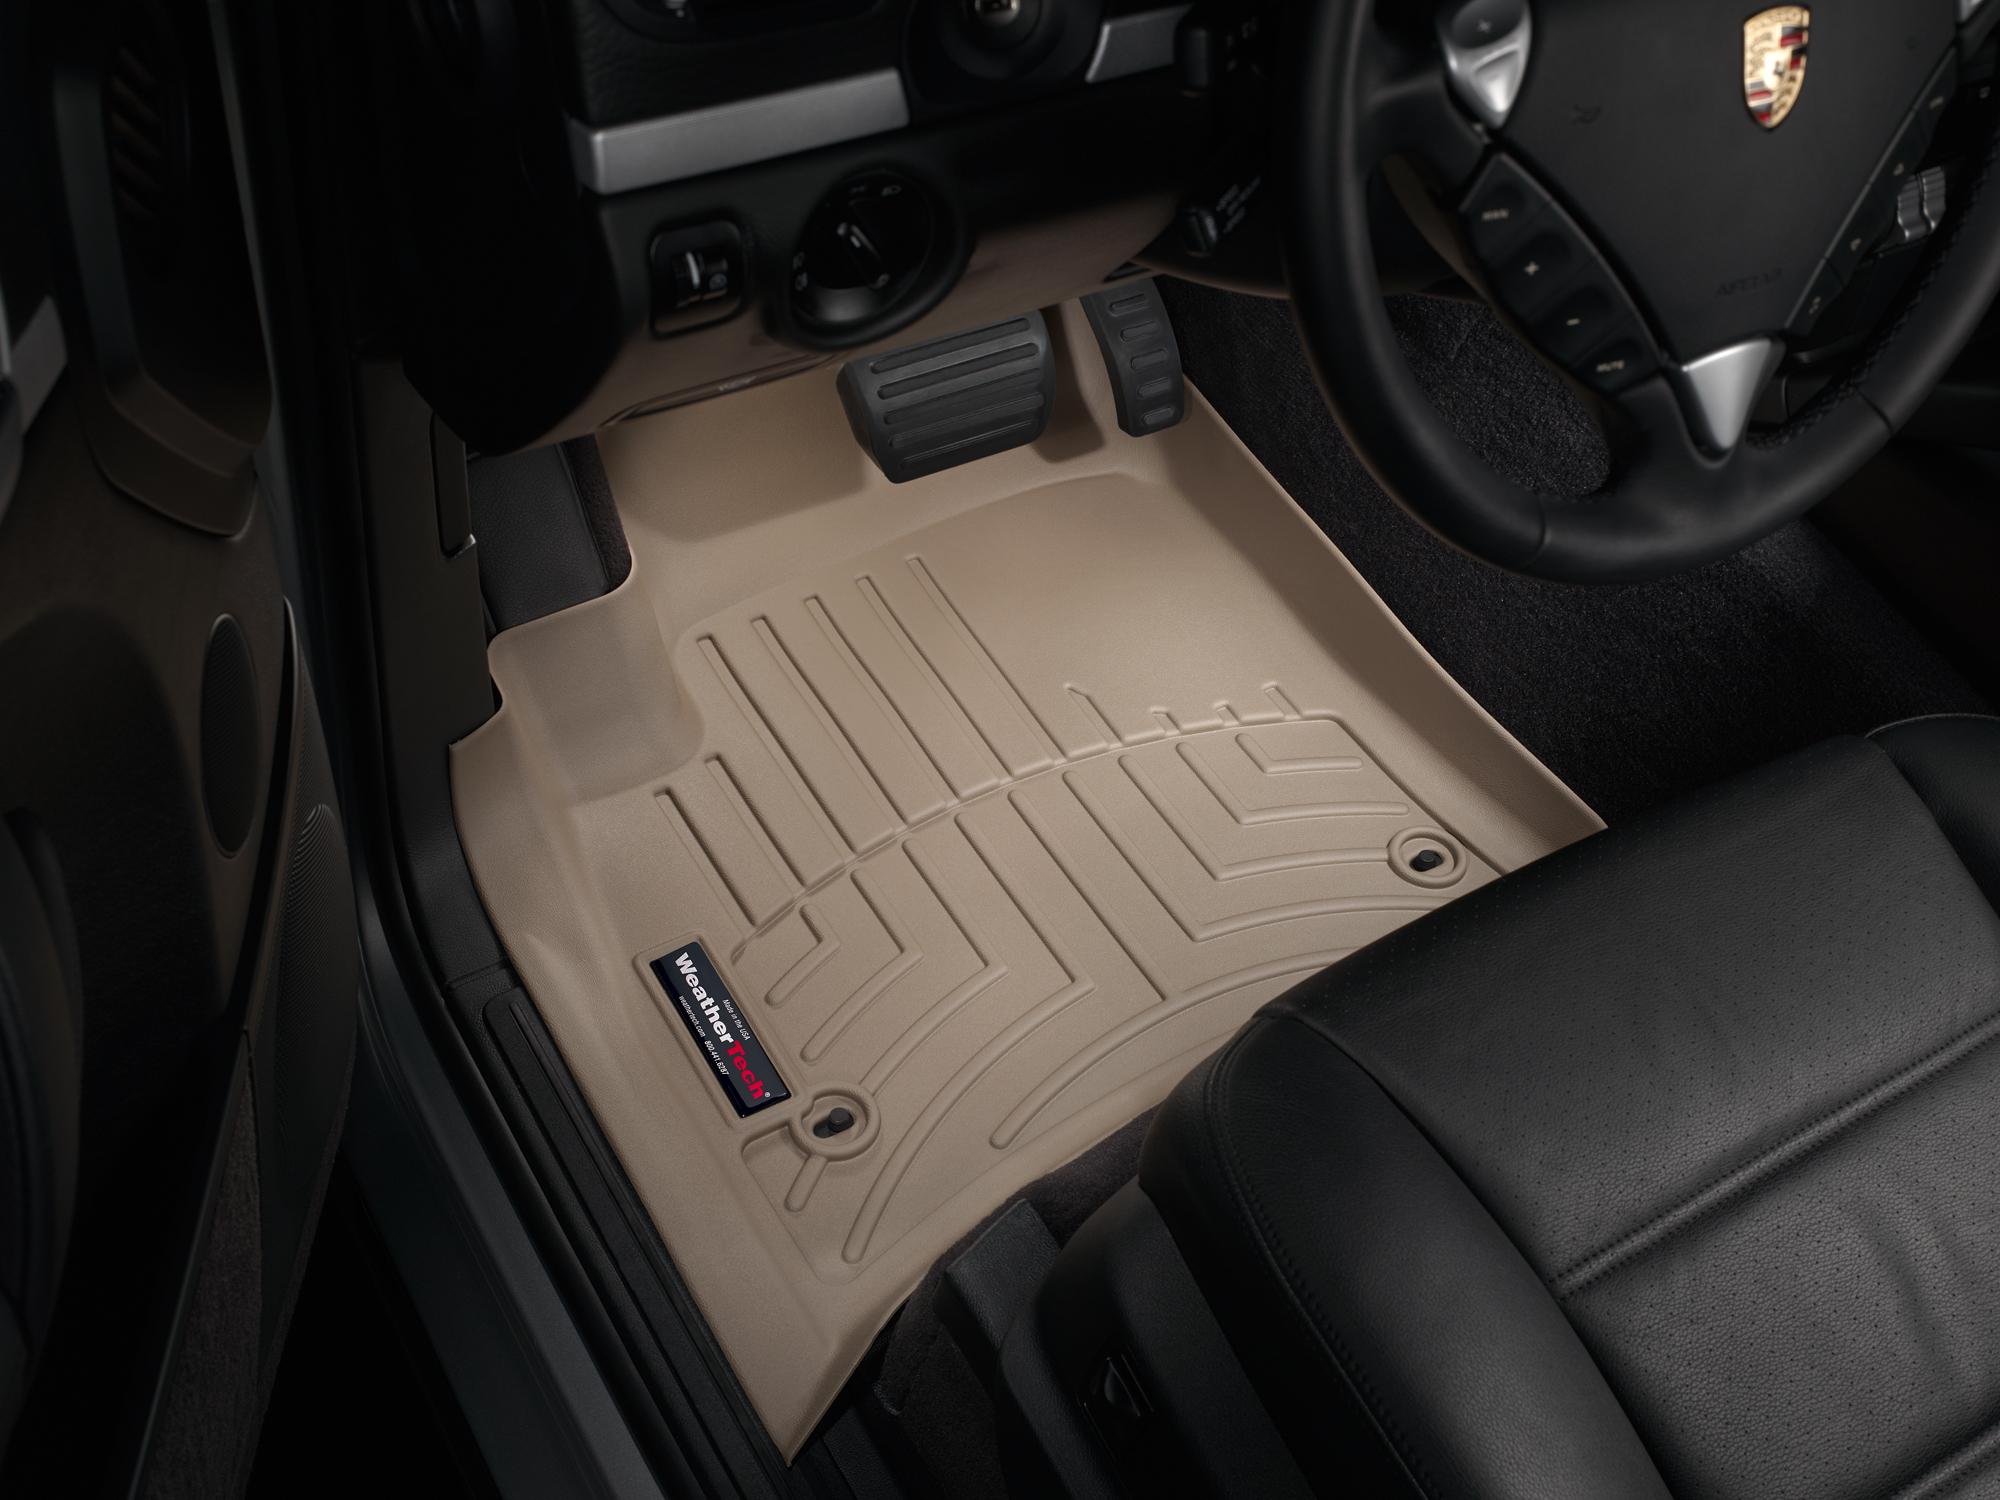 Tappeti gomma su misura bordo alto Volkswagen Touareg 07>08 Marrone A4291*